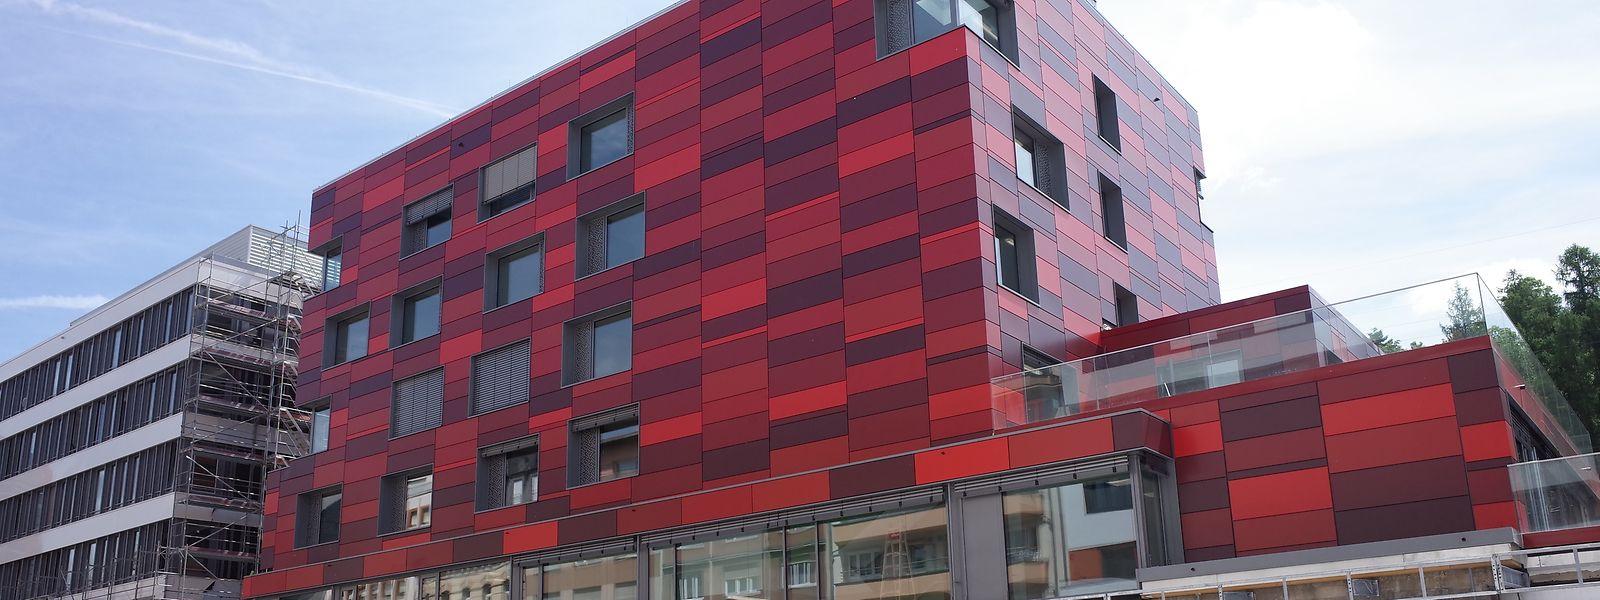 Es werden noch mehr Übernachtungsmöglichkeiten in Luxemburg geschaffen. Hier die neue Jugendherberge in Esch/Alzette.